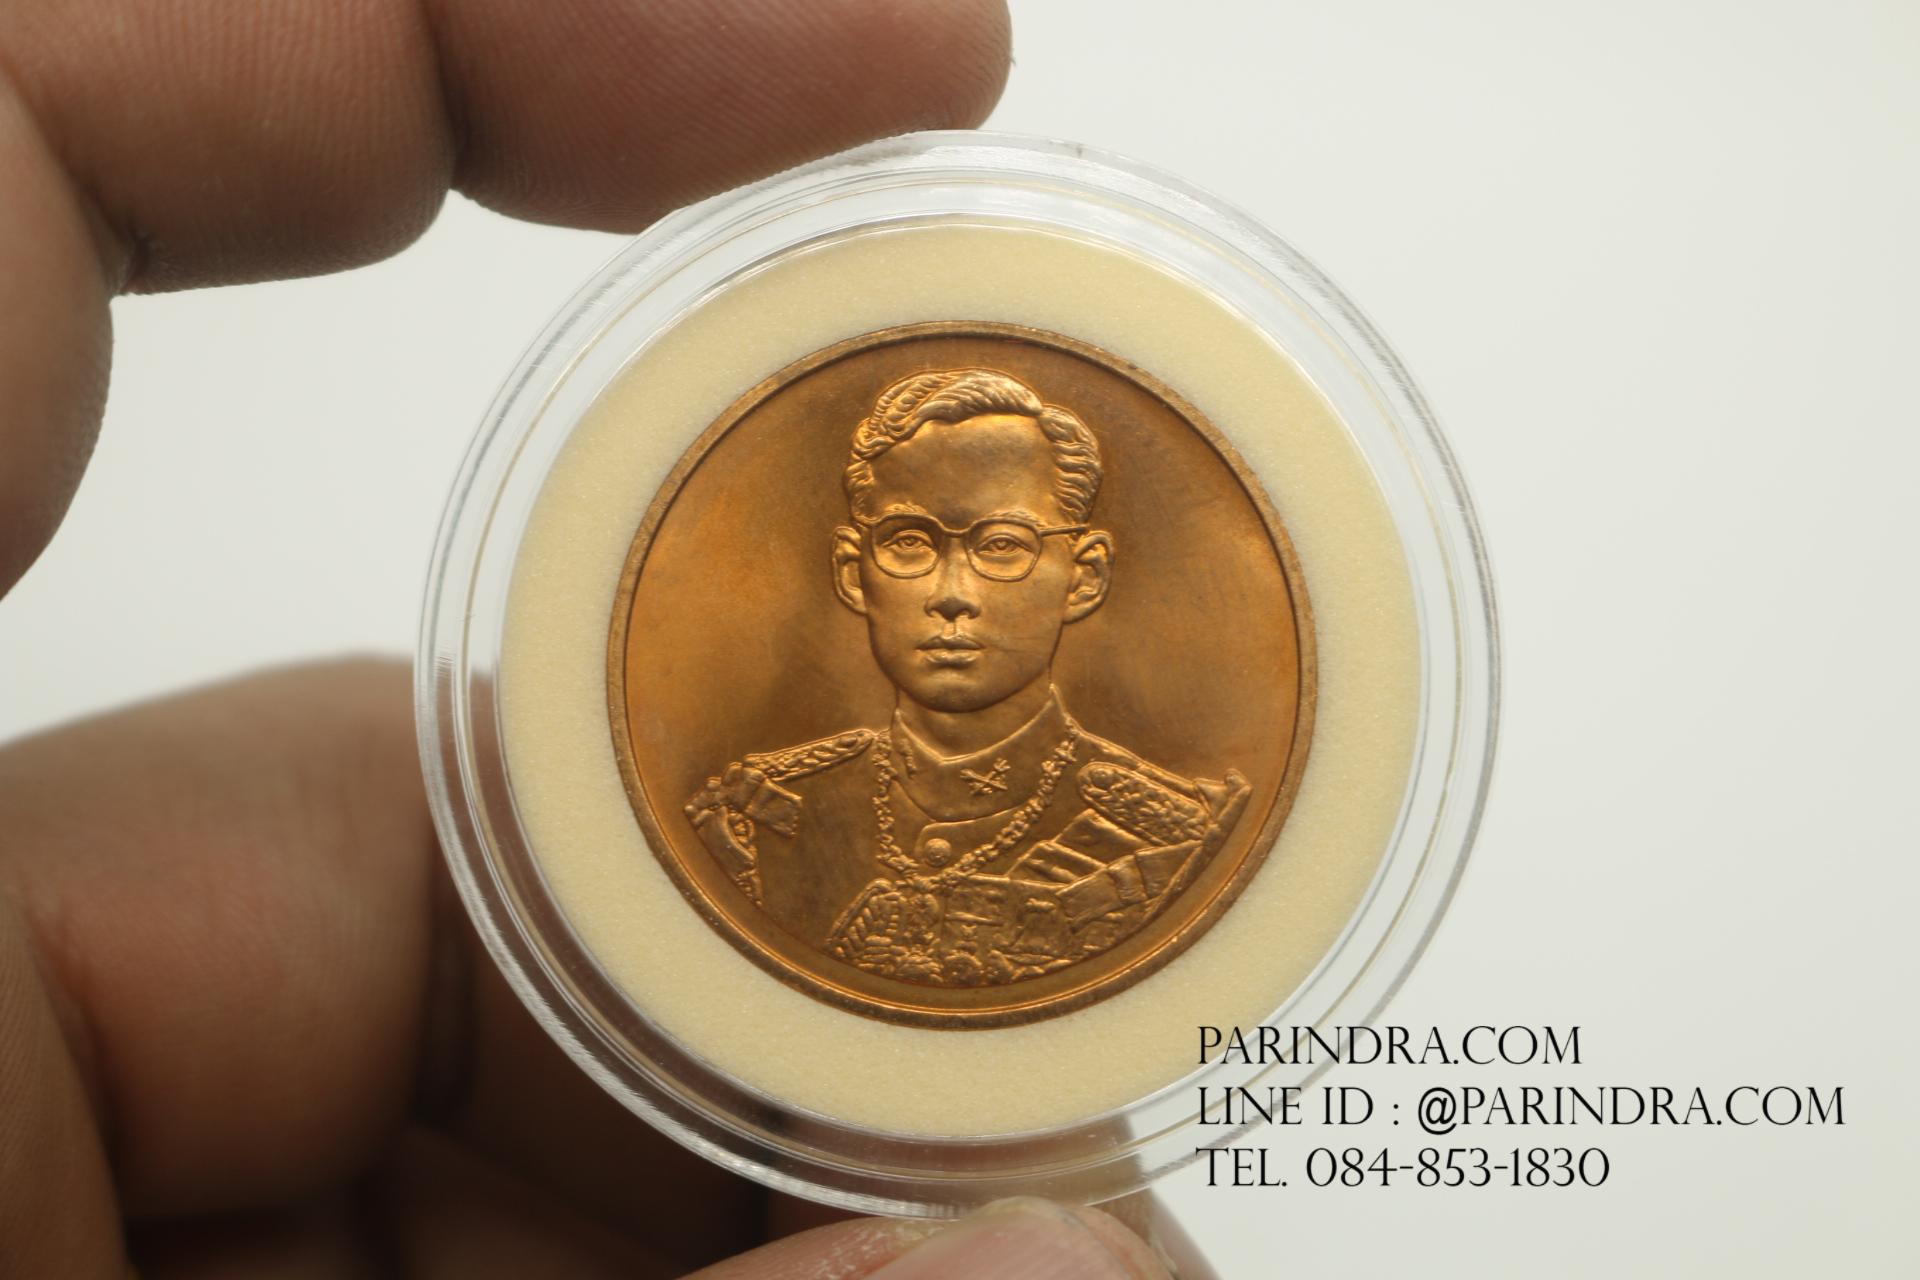 เหรียญรัชกาลที่ 9 ฉลองสิริราชสมบัติครบ 50 ปี กาญจนาภิเษก ปี 2539 เนื้อทองแดง ผิวเดิม เหรียญแท้ 100%